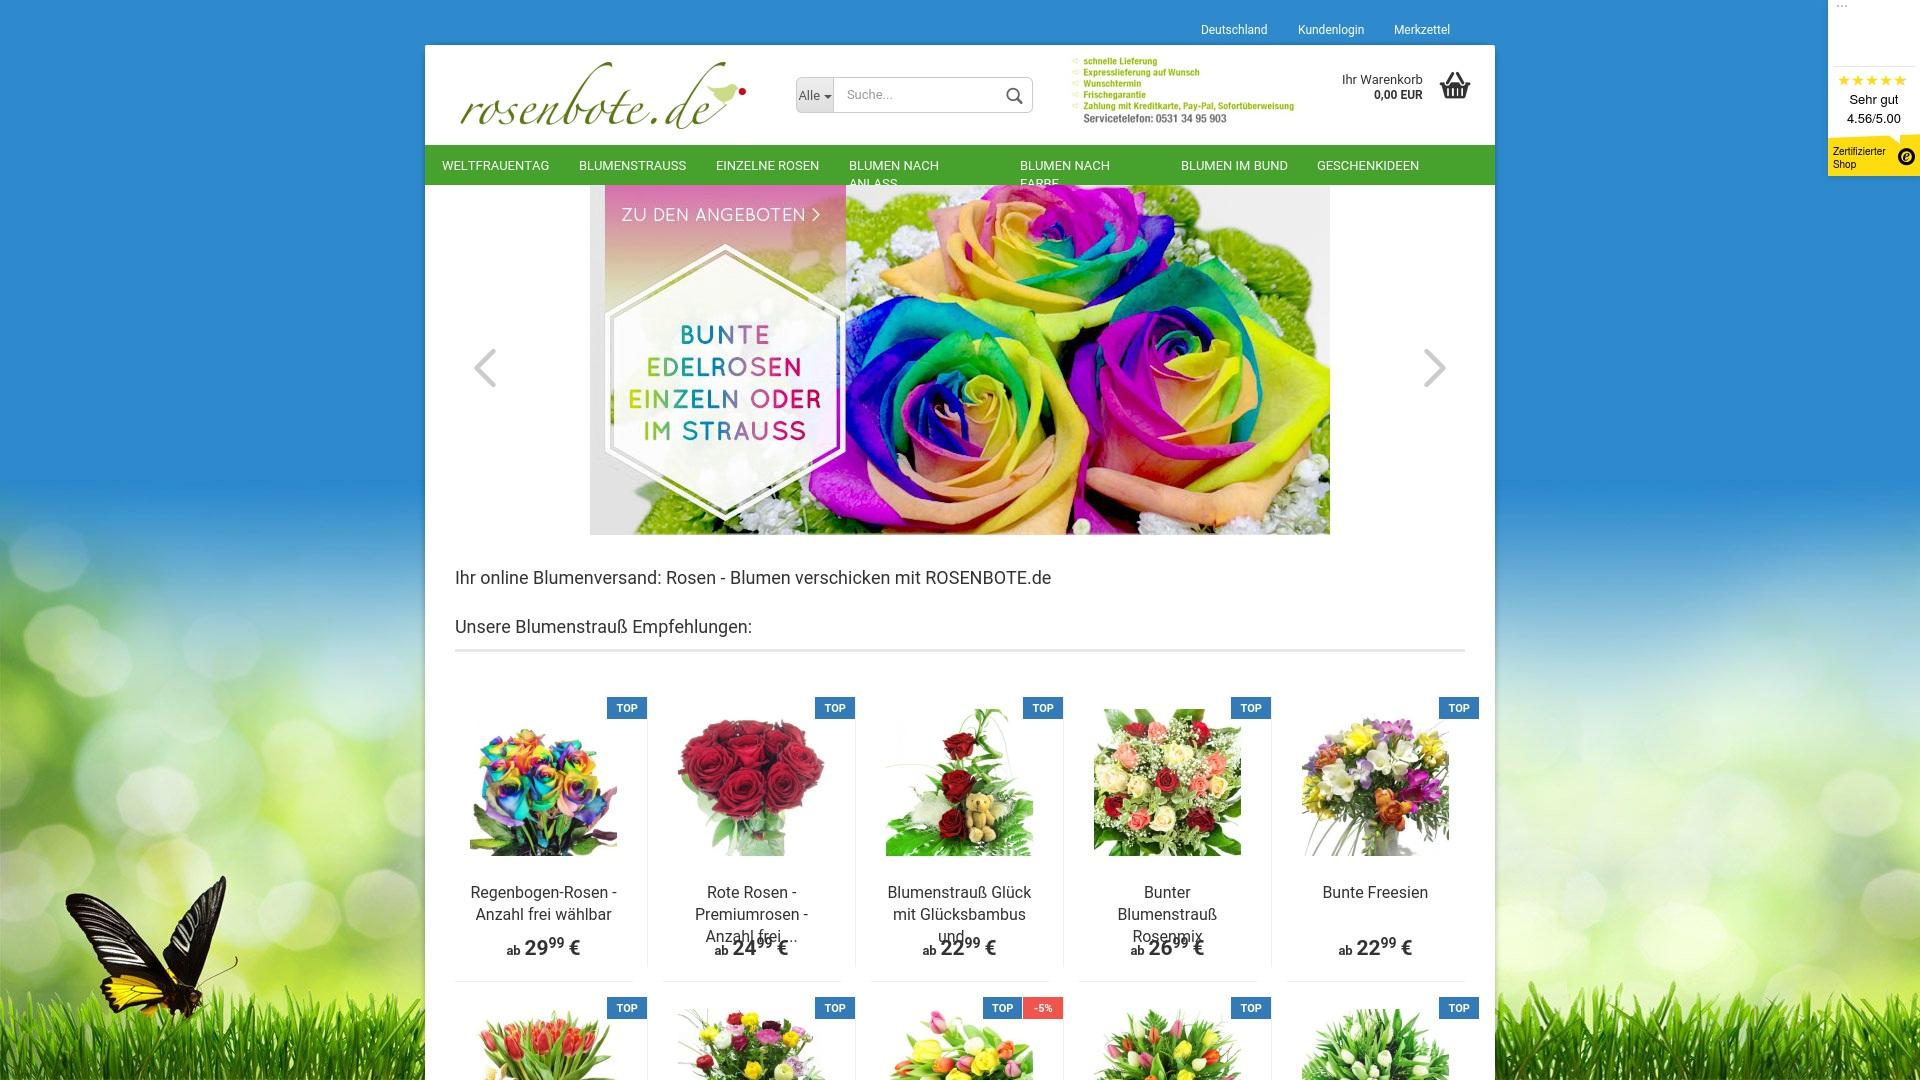 Gutschein für Rosenbote: Rabatte für  Rosenbote sichern